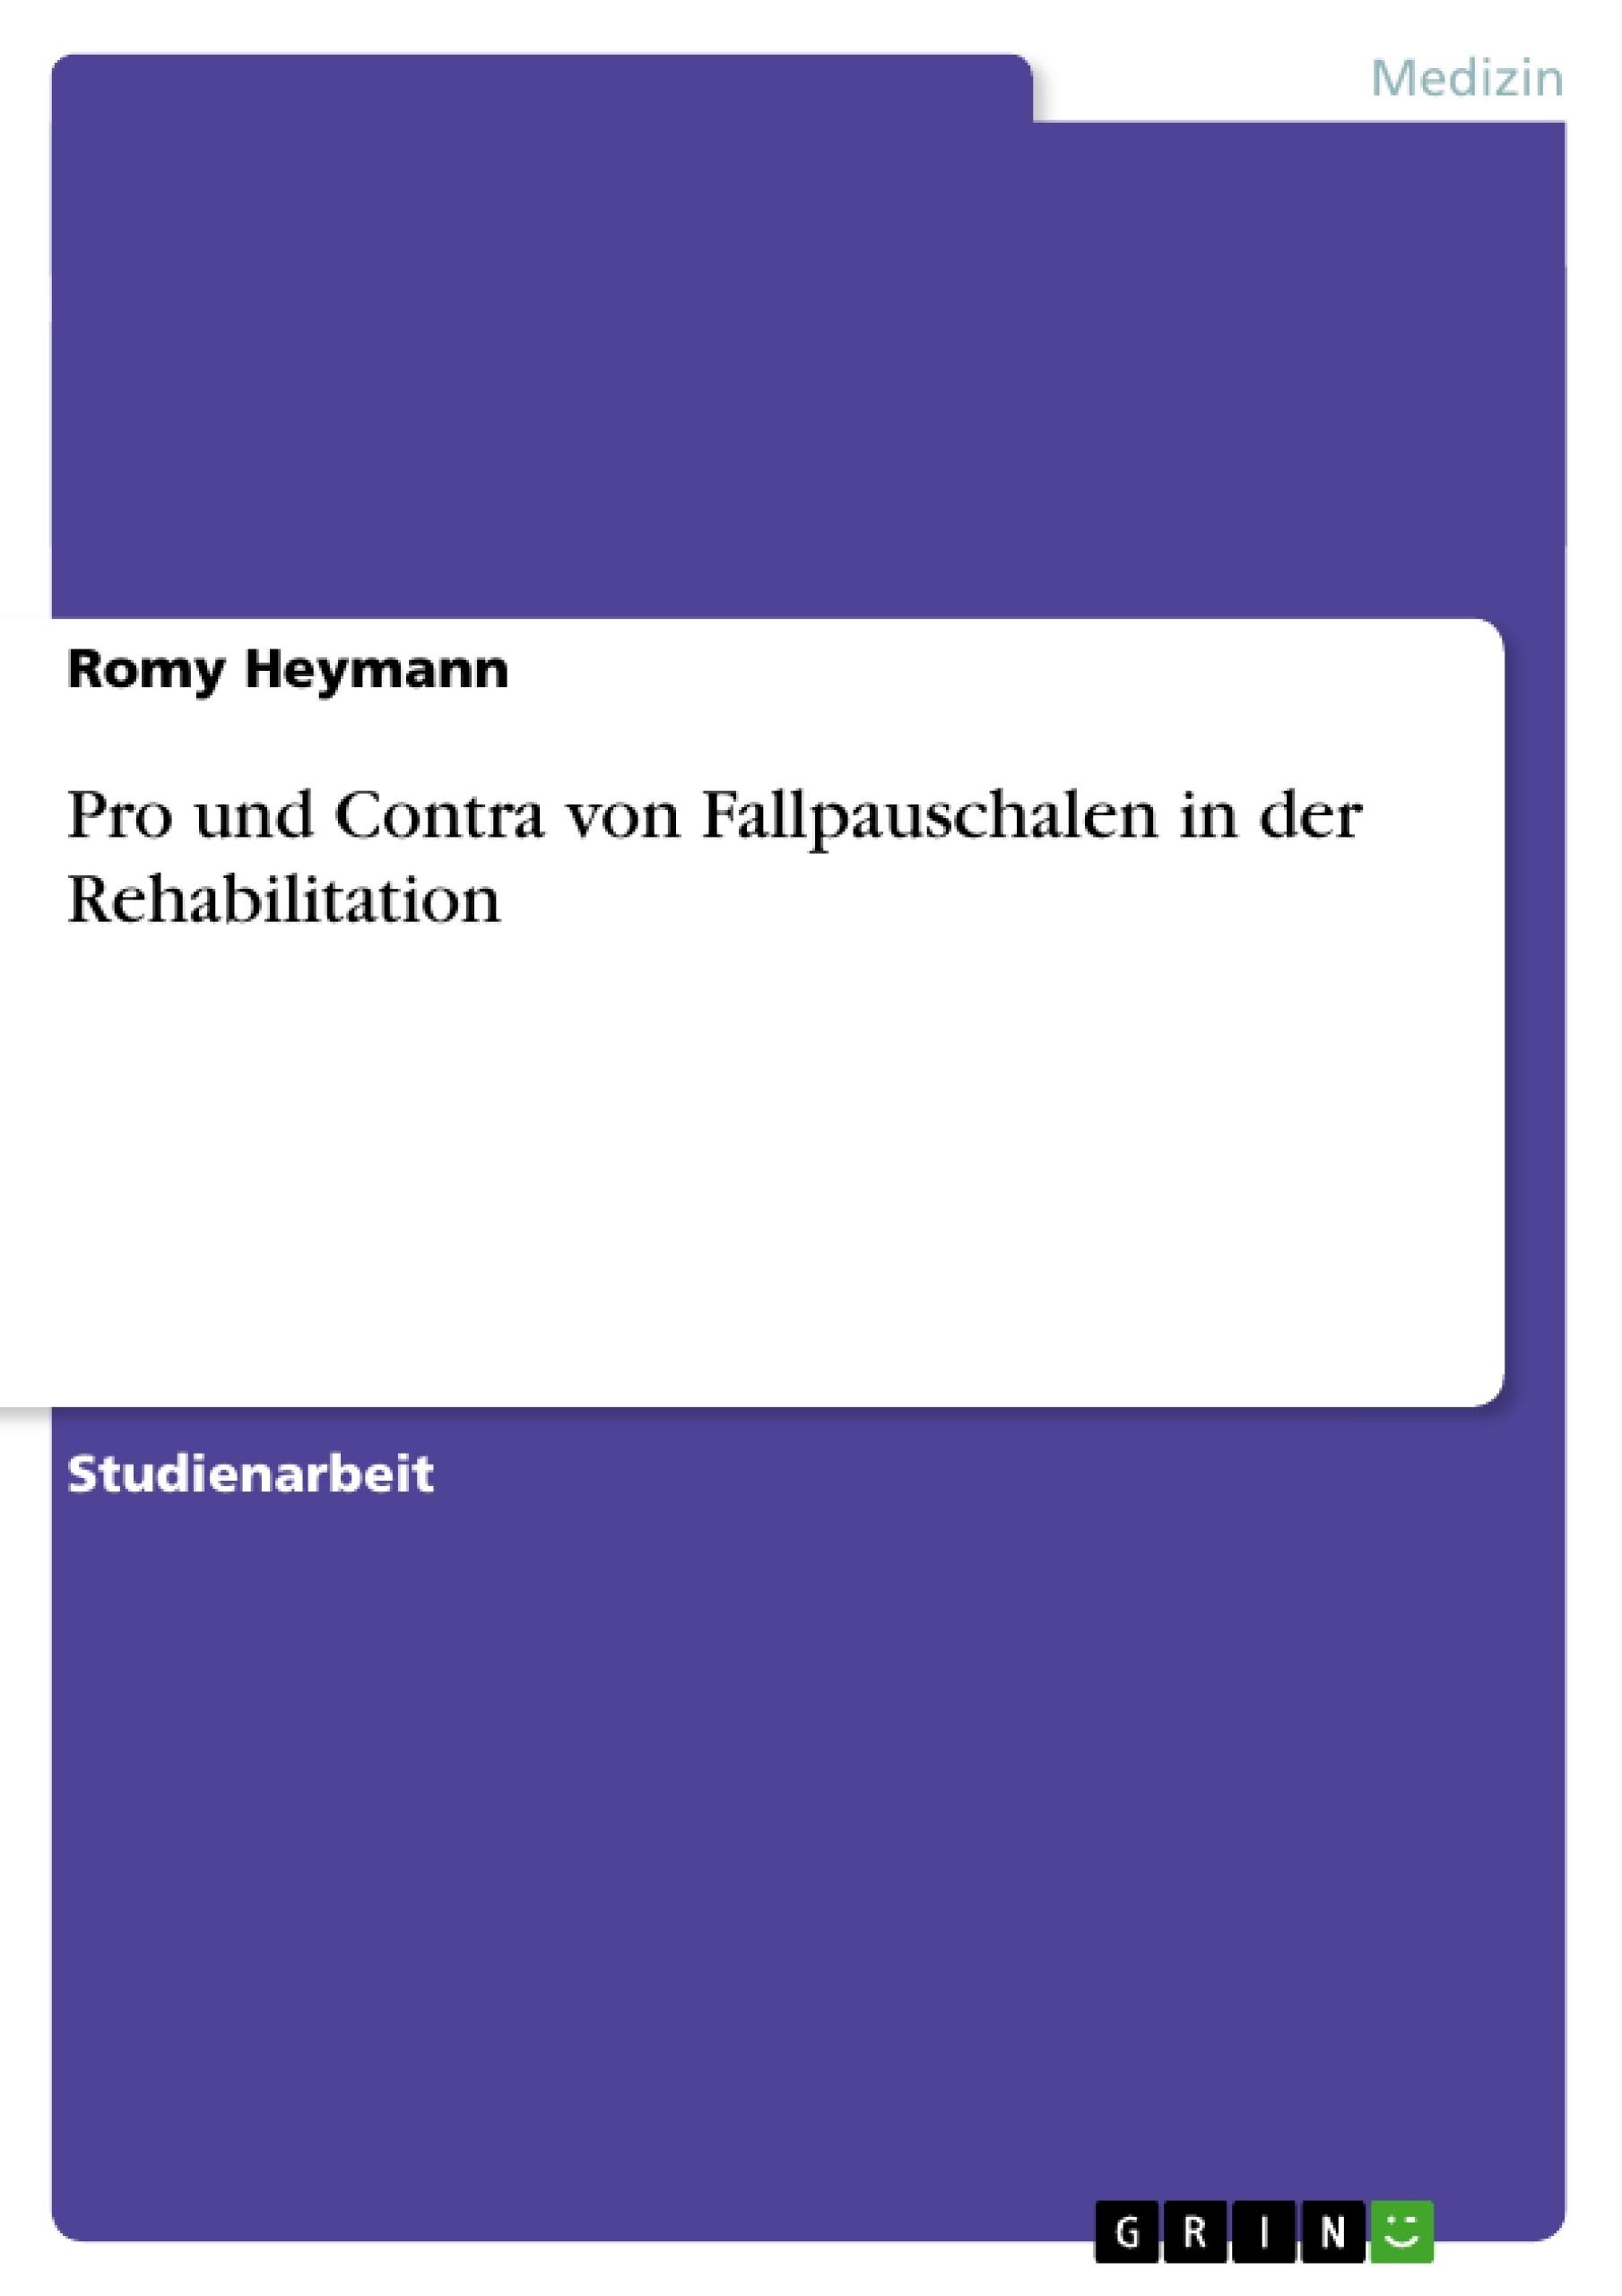 Titel: Pro und Contra von Fallpauschalen in der Rehabilitation